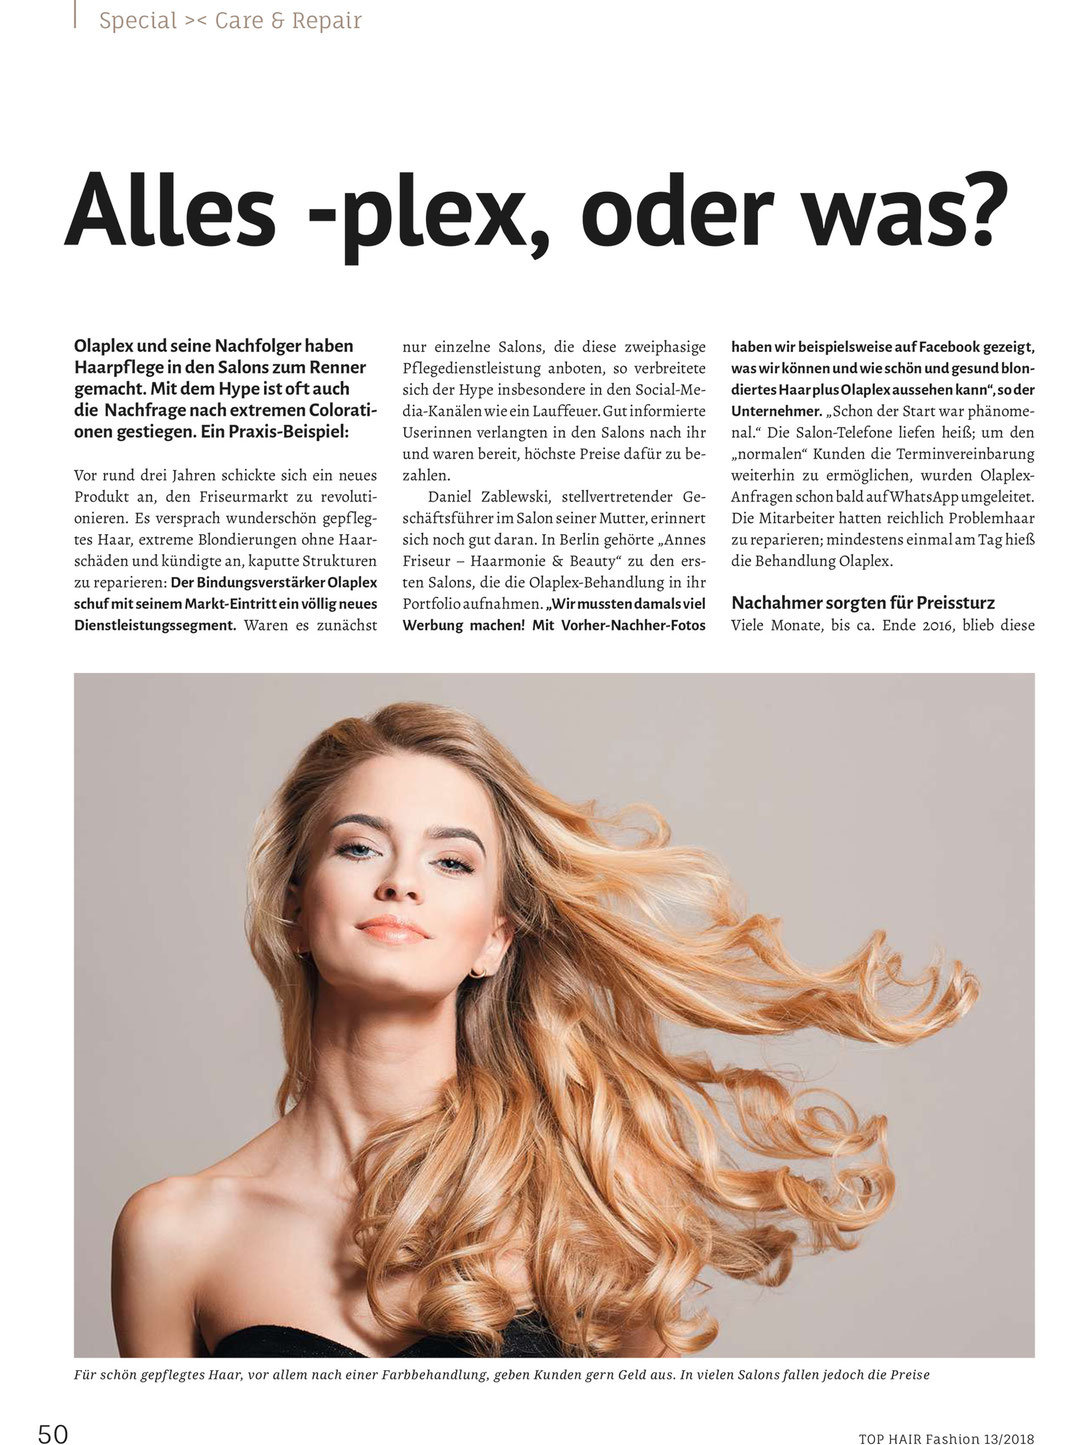 Top Hair Fashion Ausgabe 132018 Annes Haarmonie Beauty